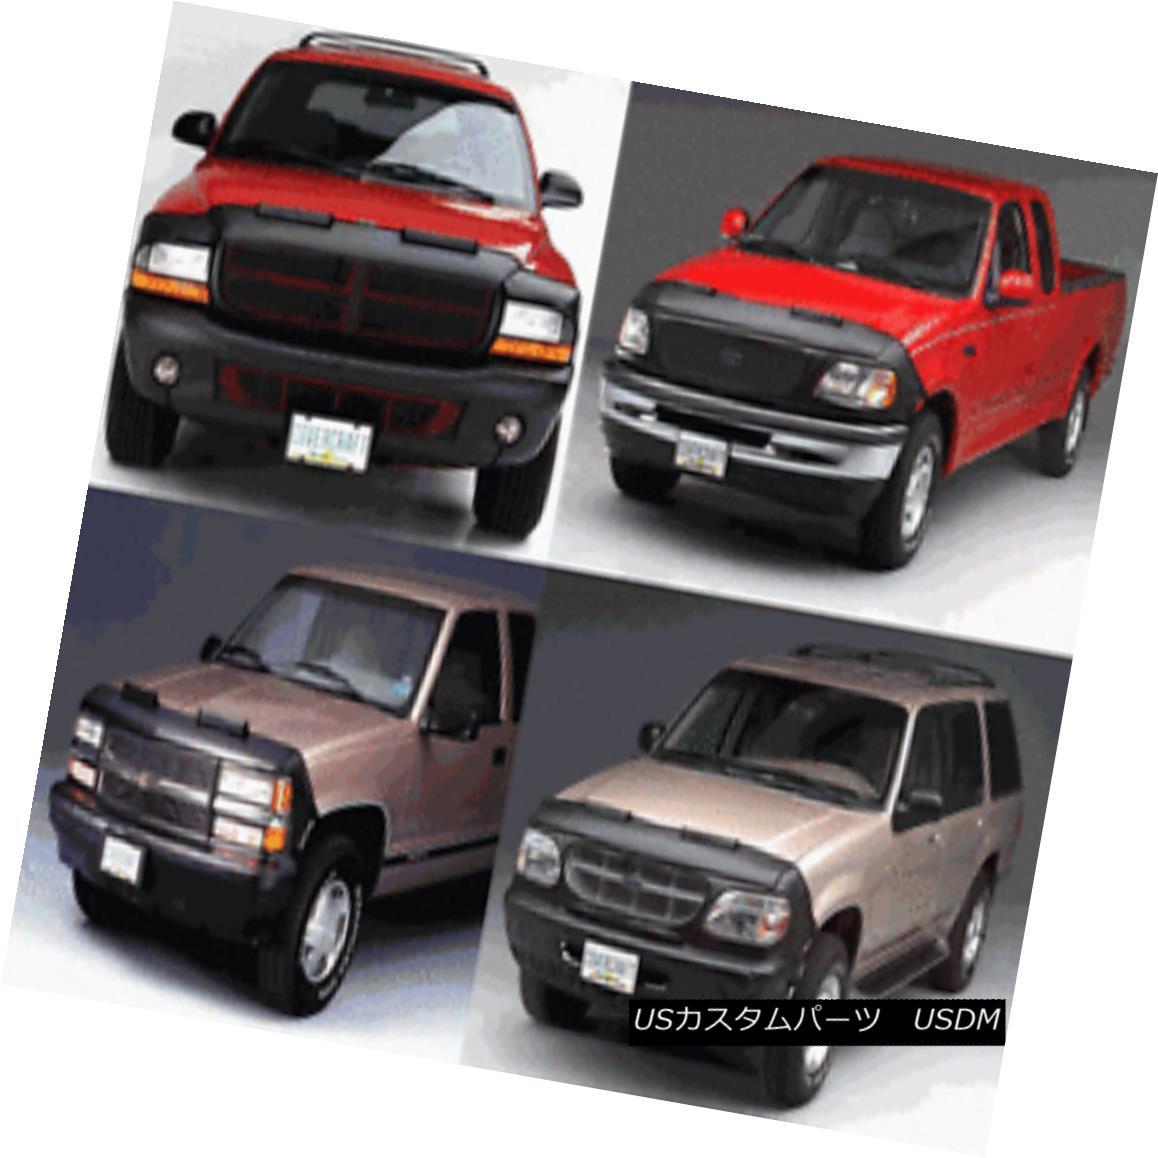 フルブラ ノーズブラ Lebra Front End Mask Bra Fits 2001-2003 Toyota Rav 4 w/o Sport Package Lebraフロントエンドマスクブラは2001-2003 Toyota Rav 4 w / oスポーツパッケージに適合